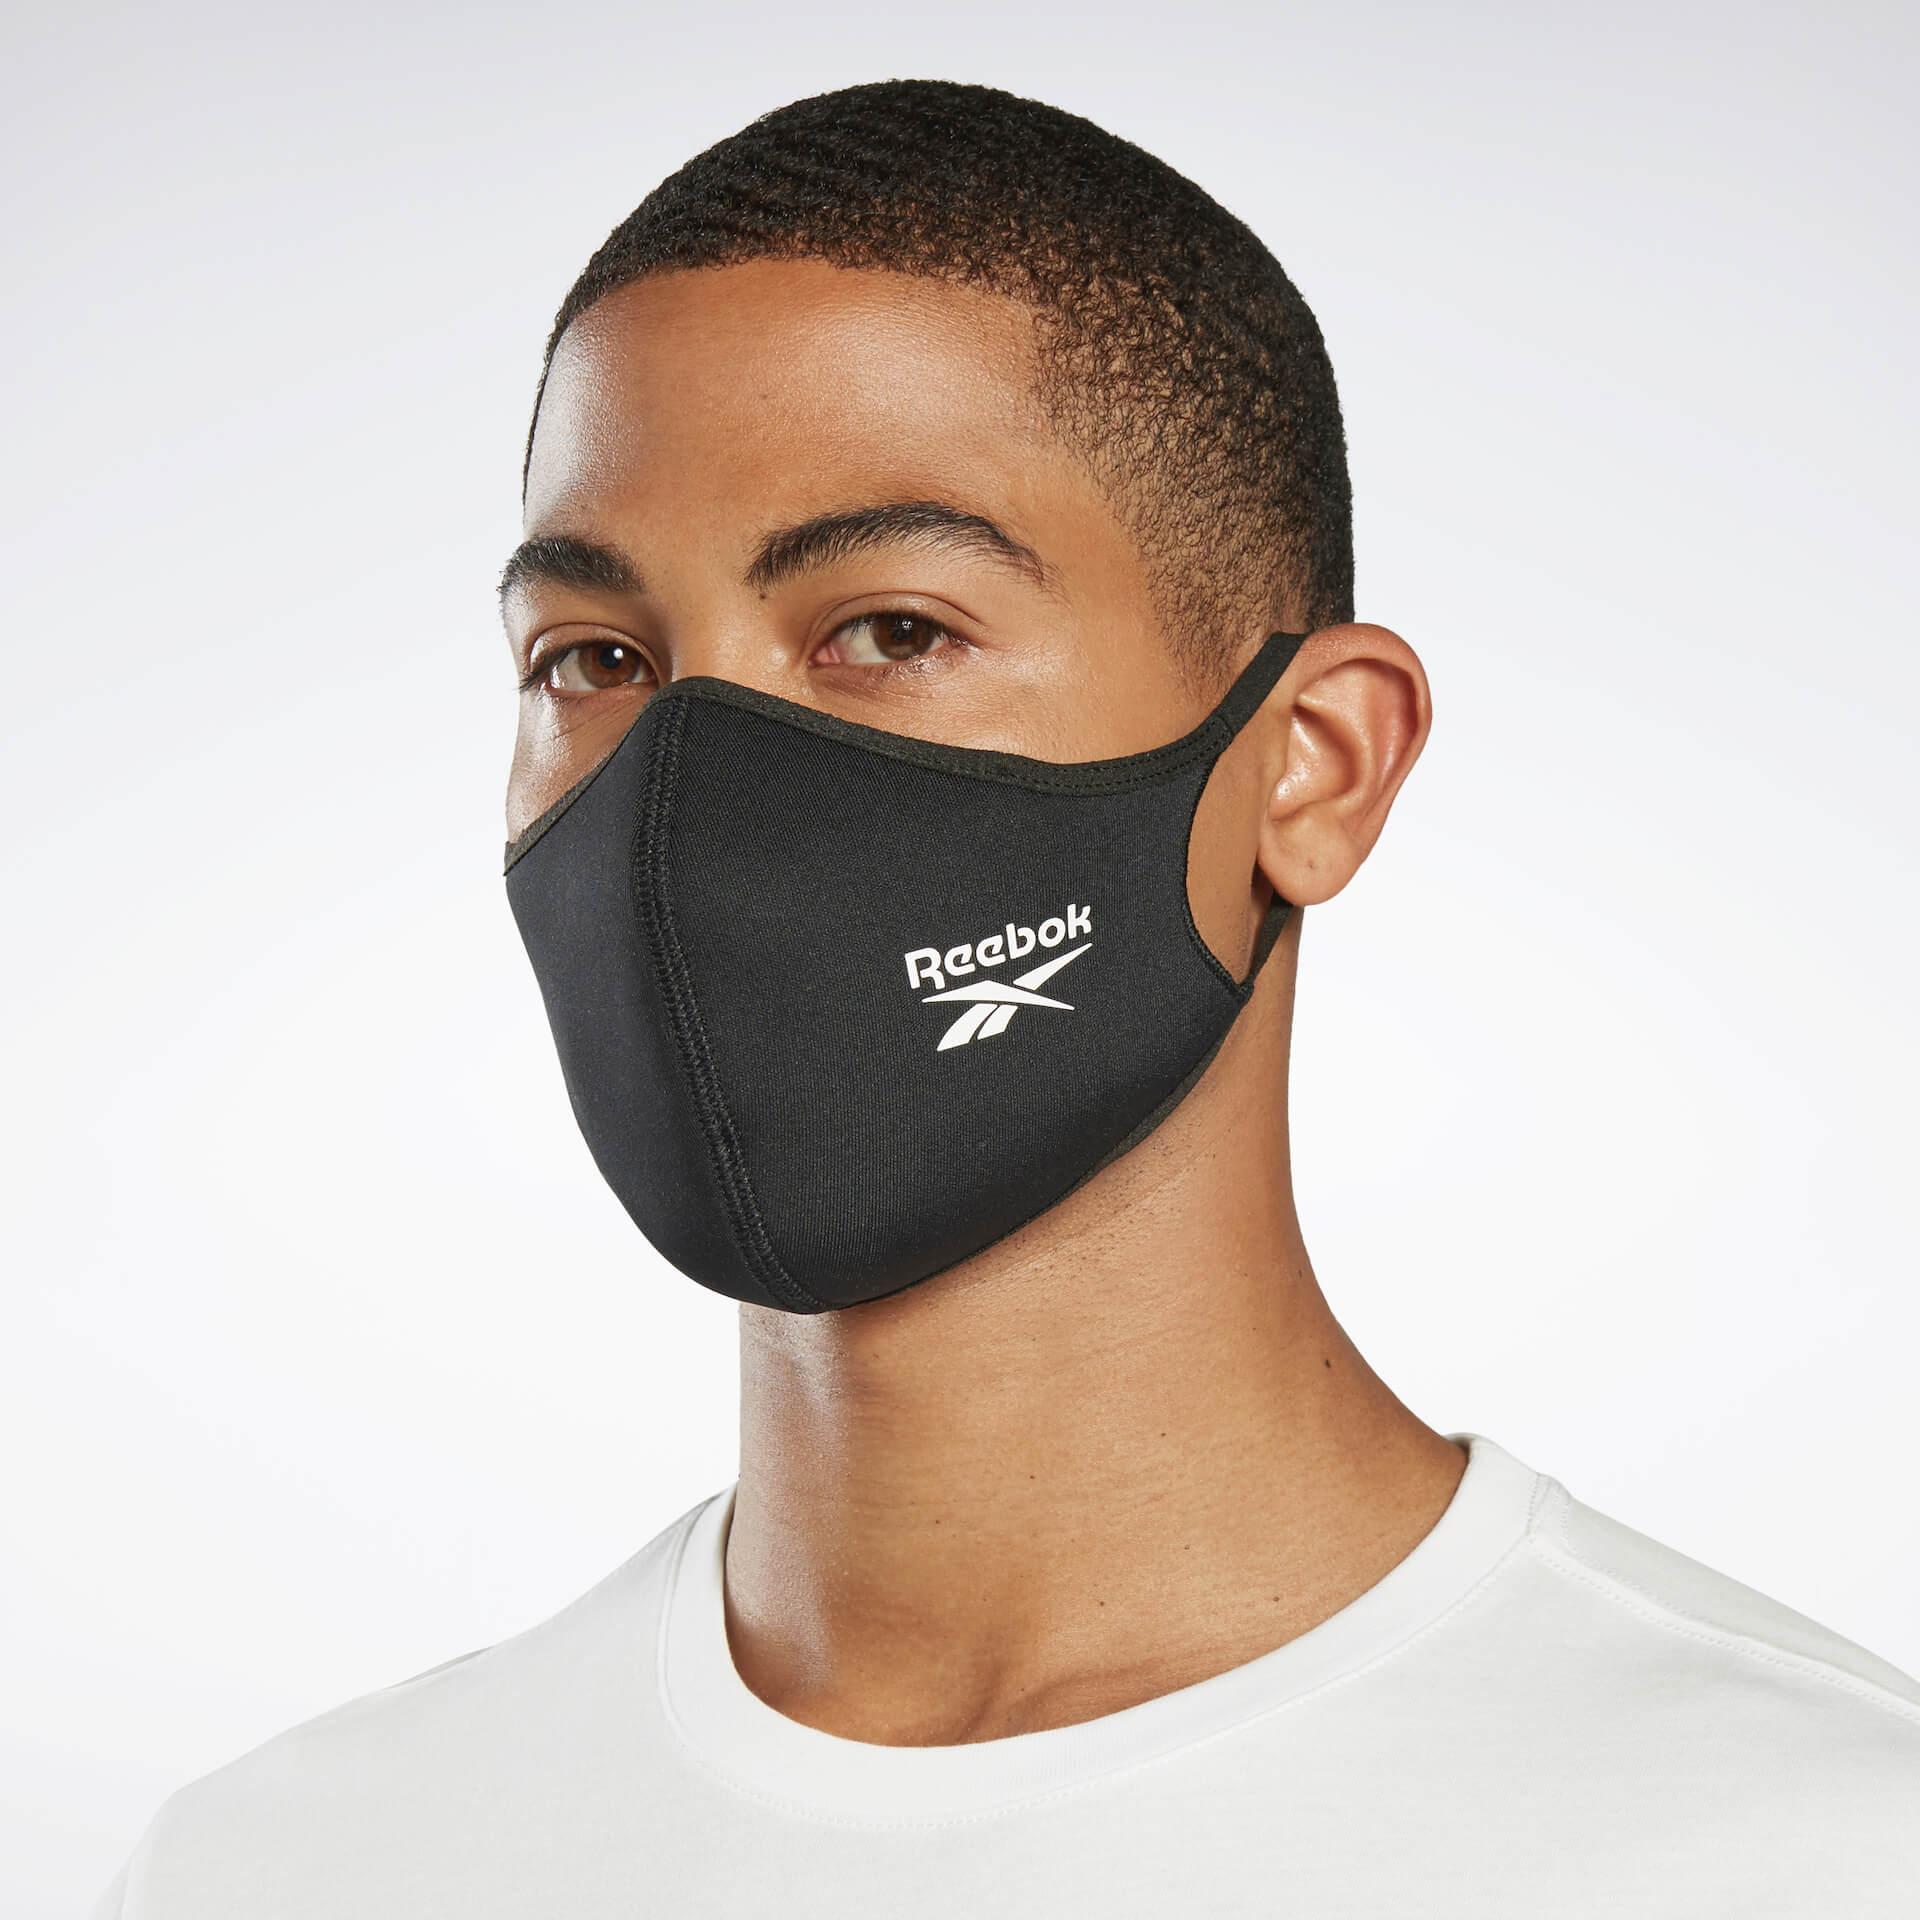 発売開始数時間で即完売したリーボックフェイスカバーが再販決定!本日より直営店にて先行販売が開始 fashion20123_reebok_mask_10